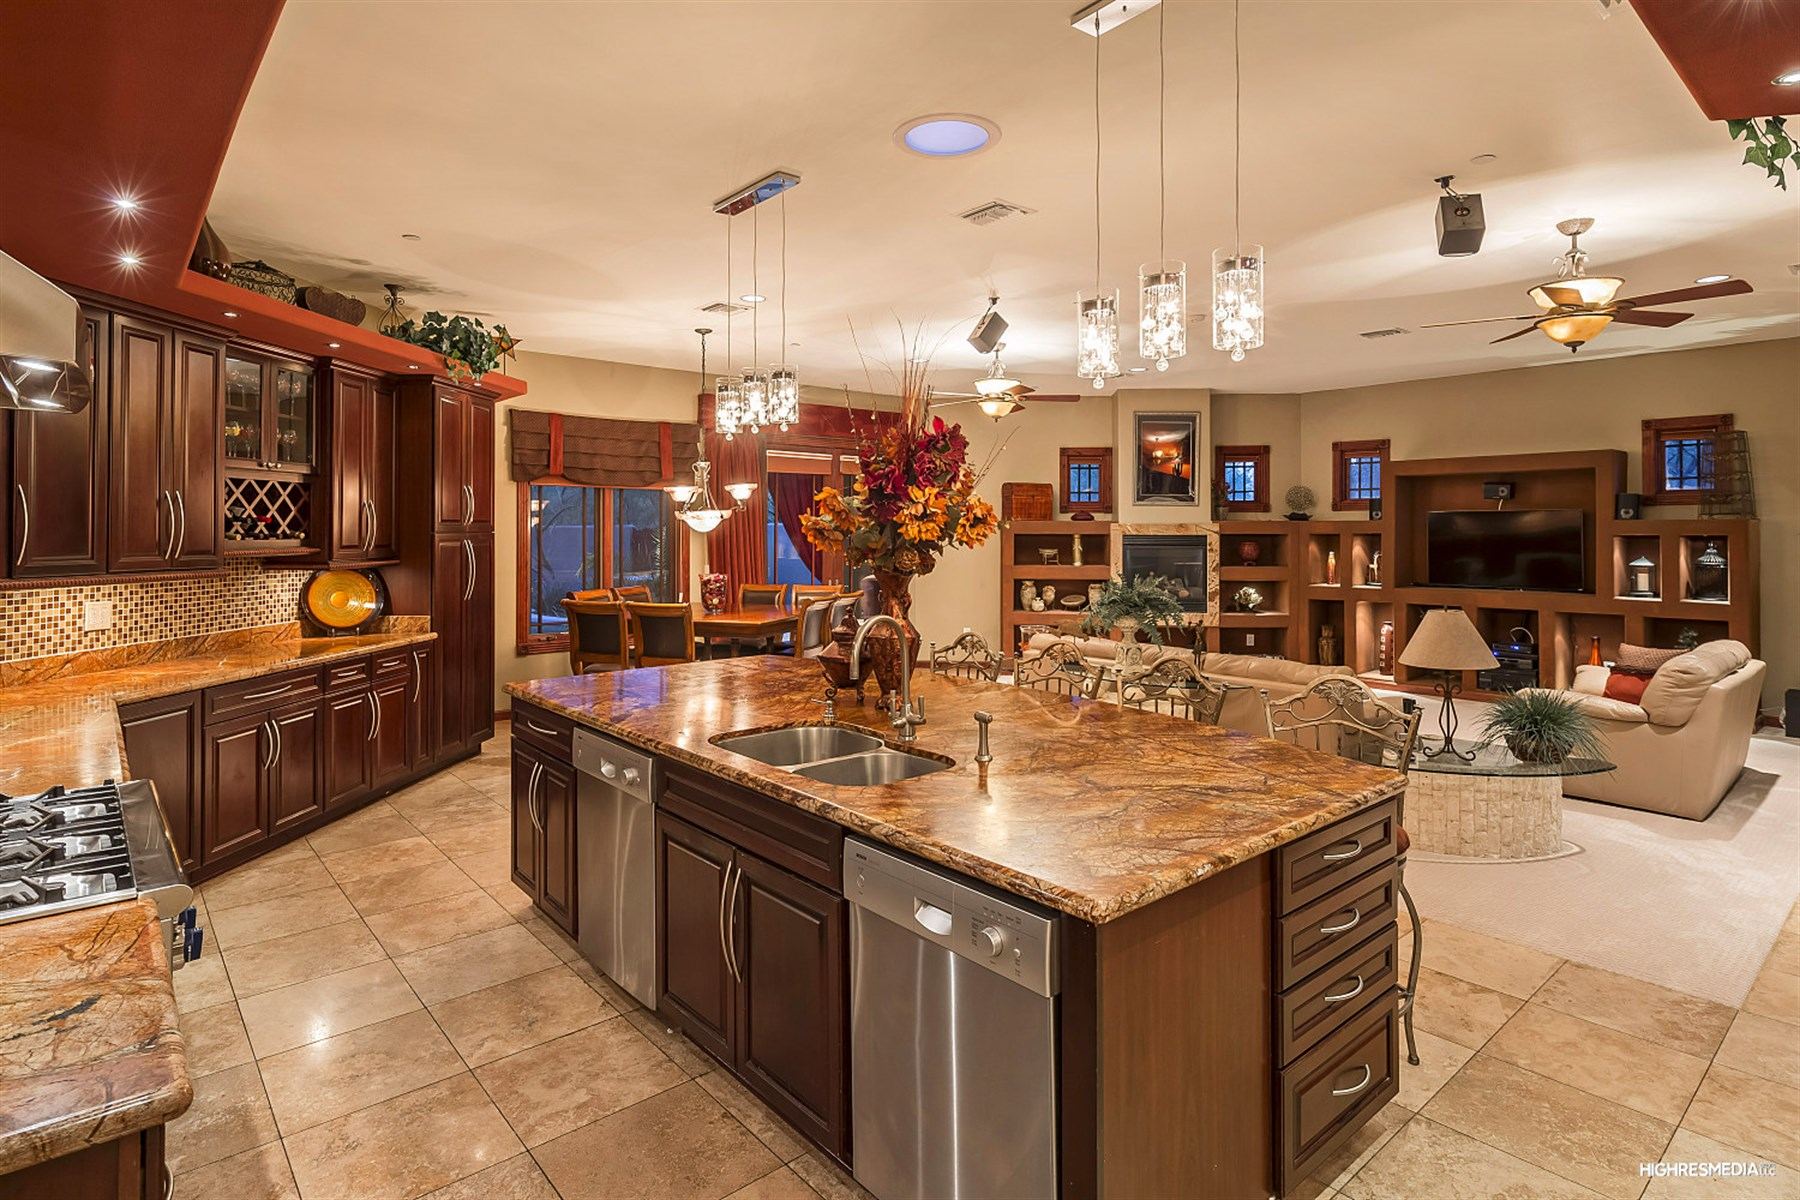 一戸建て のために 売買 アット Immpeccably maintained scottsdale advanced green build home 8653 E Arroyo Hondo Rd Scottsdale, アリゾナ, 85266 アメリカ合衆国